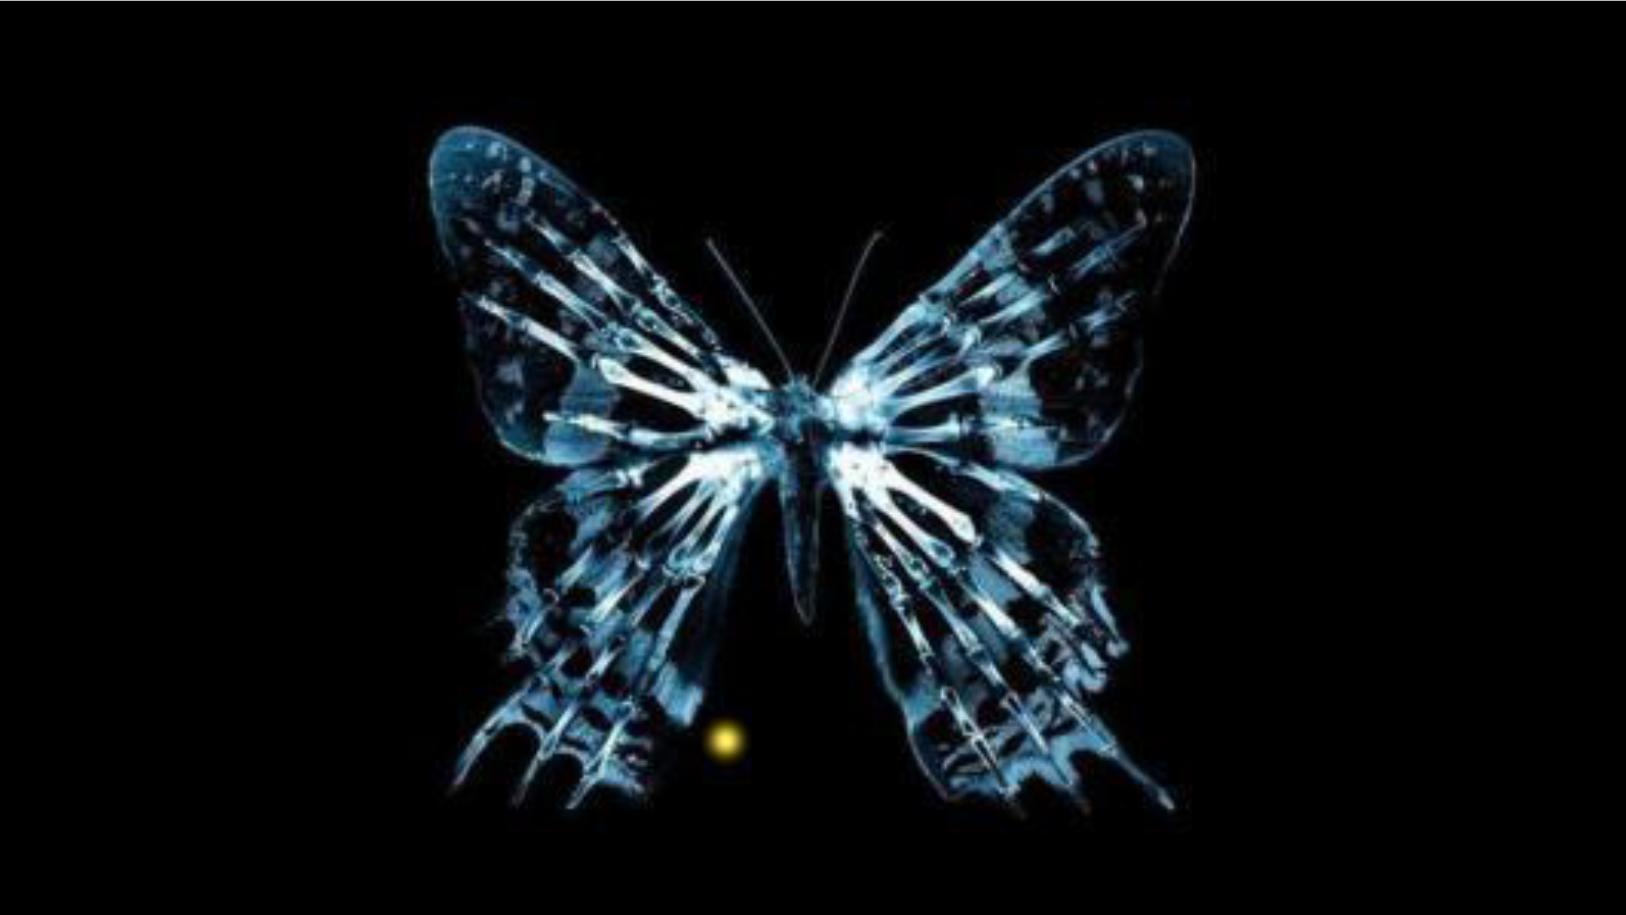 量子世界里的怪异现象,人类进行时间穿越,也不会引发蝴蝶效应